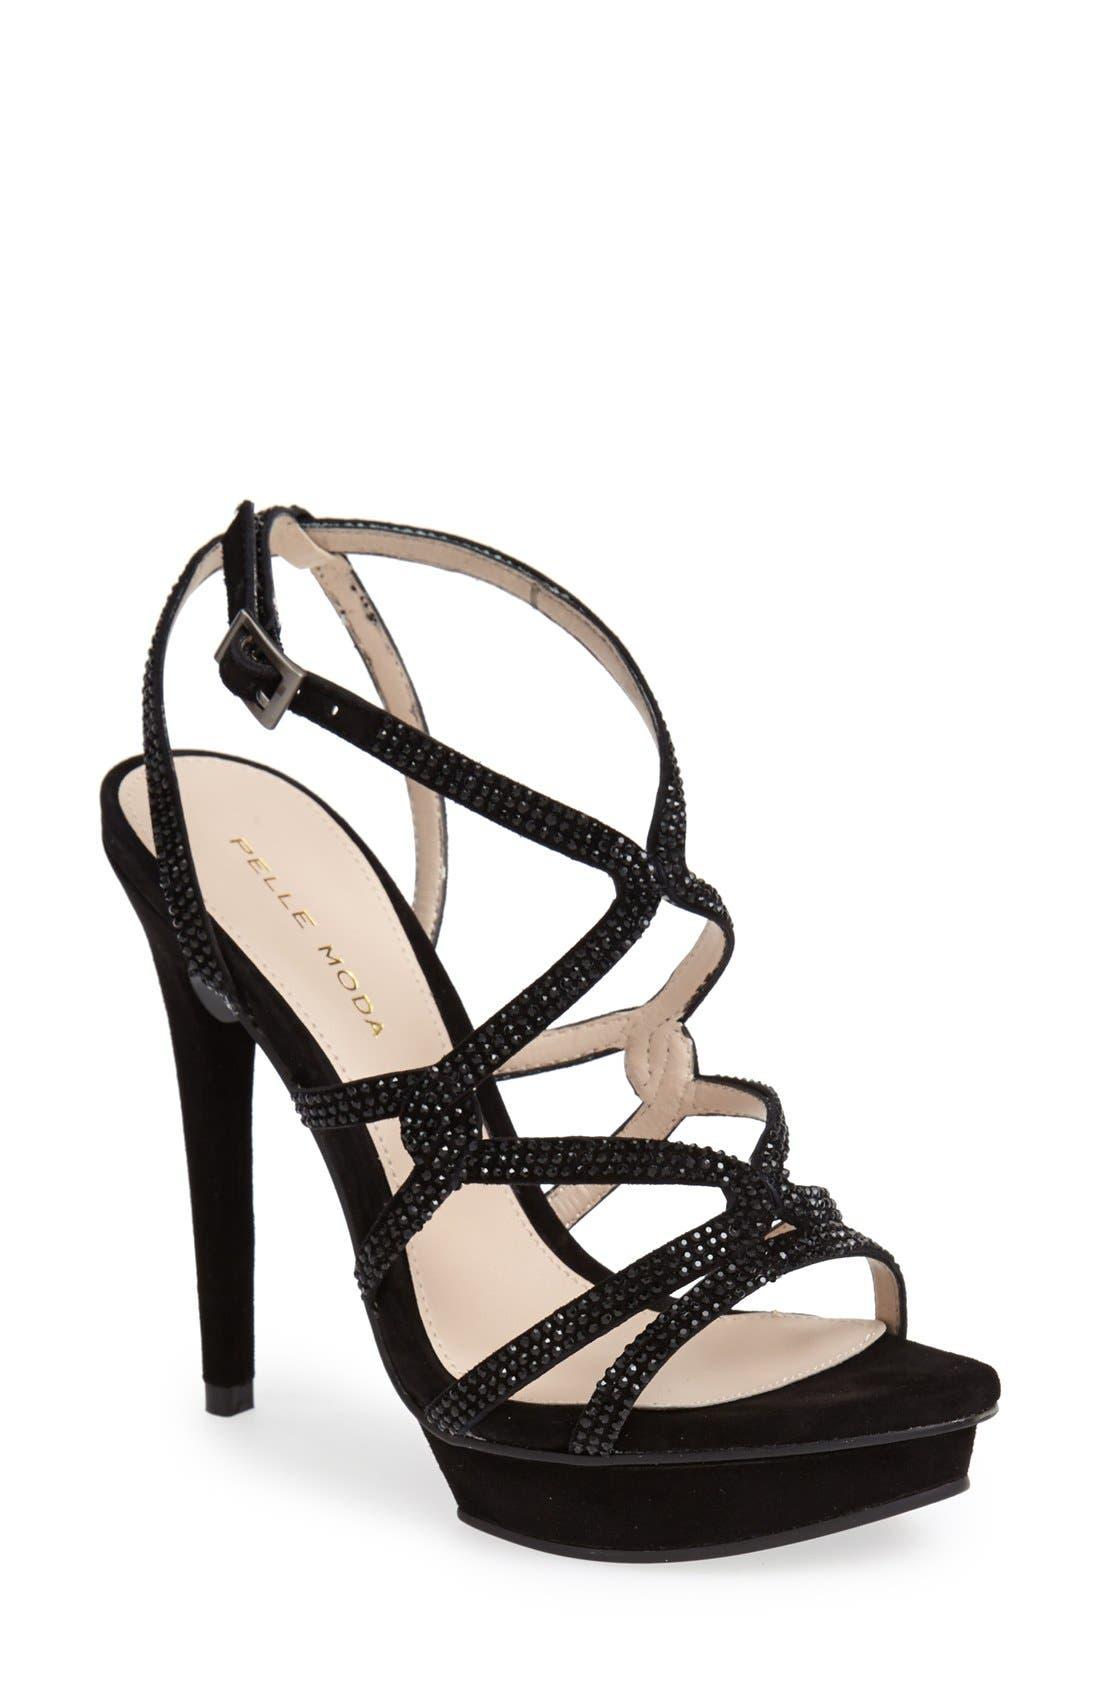 Alternate Image 1 Selected - Pelle Moda 'Farah' Sandal (Women)